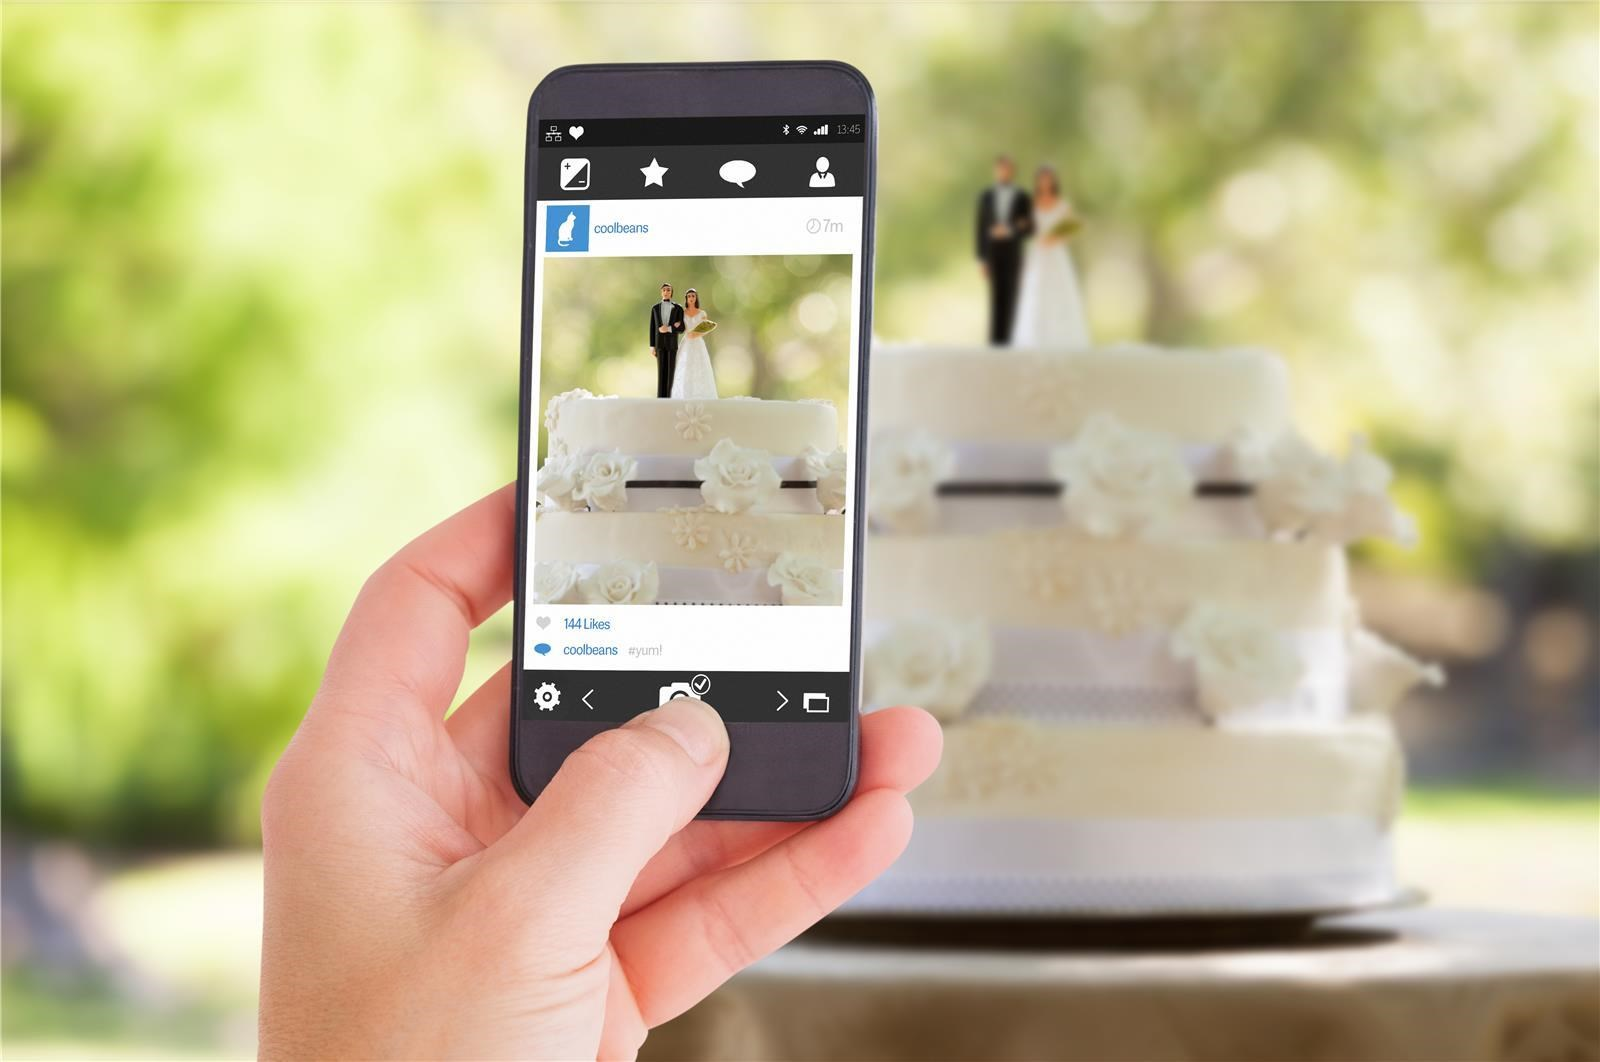 מתחתנים בעזרת האייפון (צילום: Shutterstock)